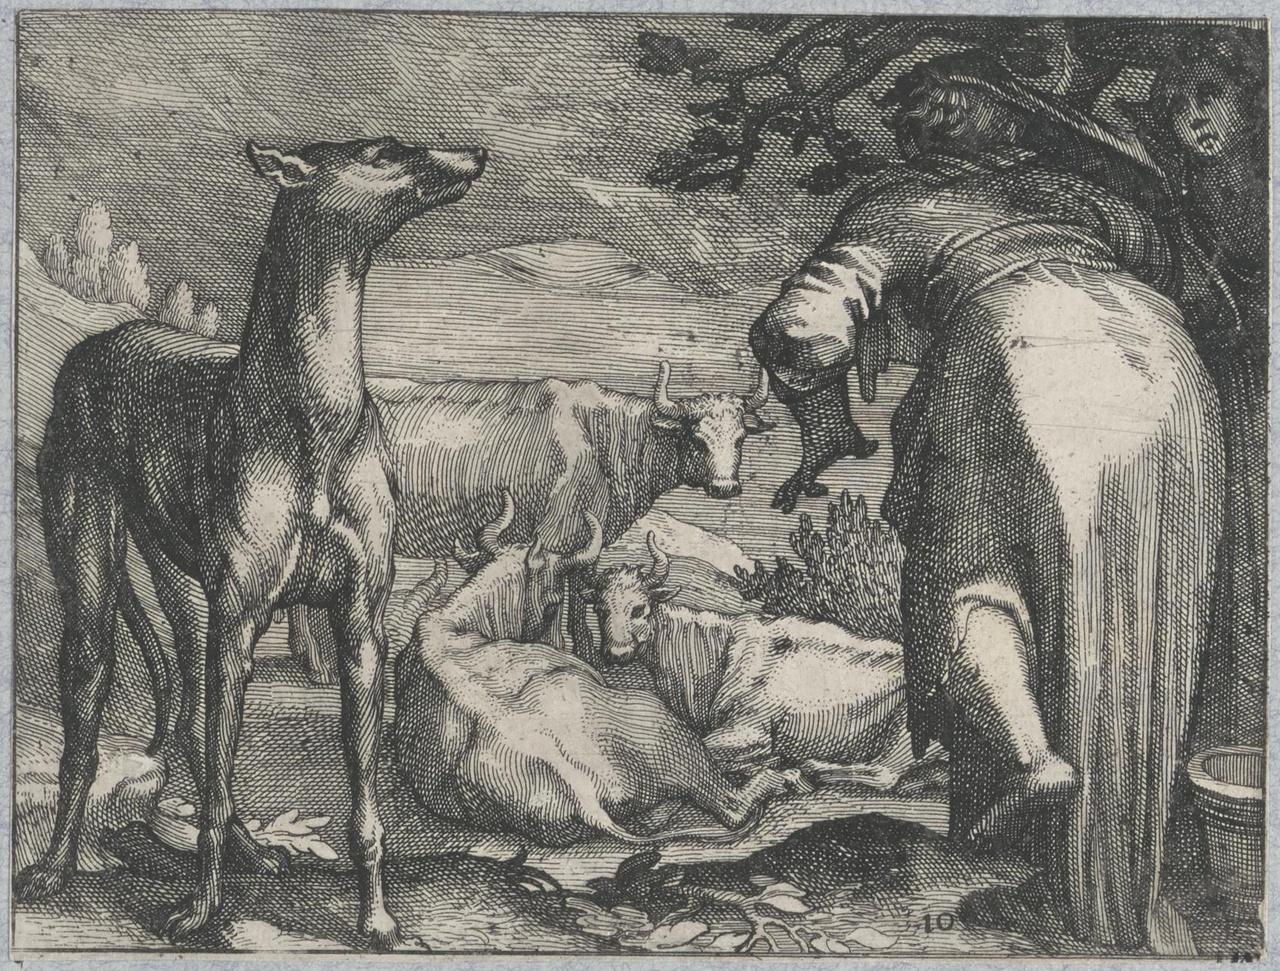 Vrouw op de rug gezien en grote hond in landschap met koeien